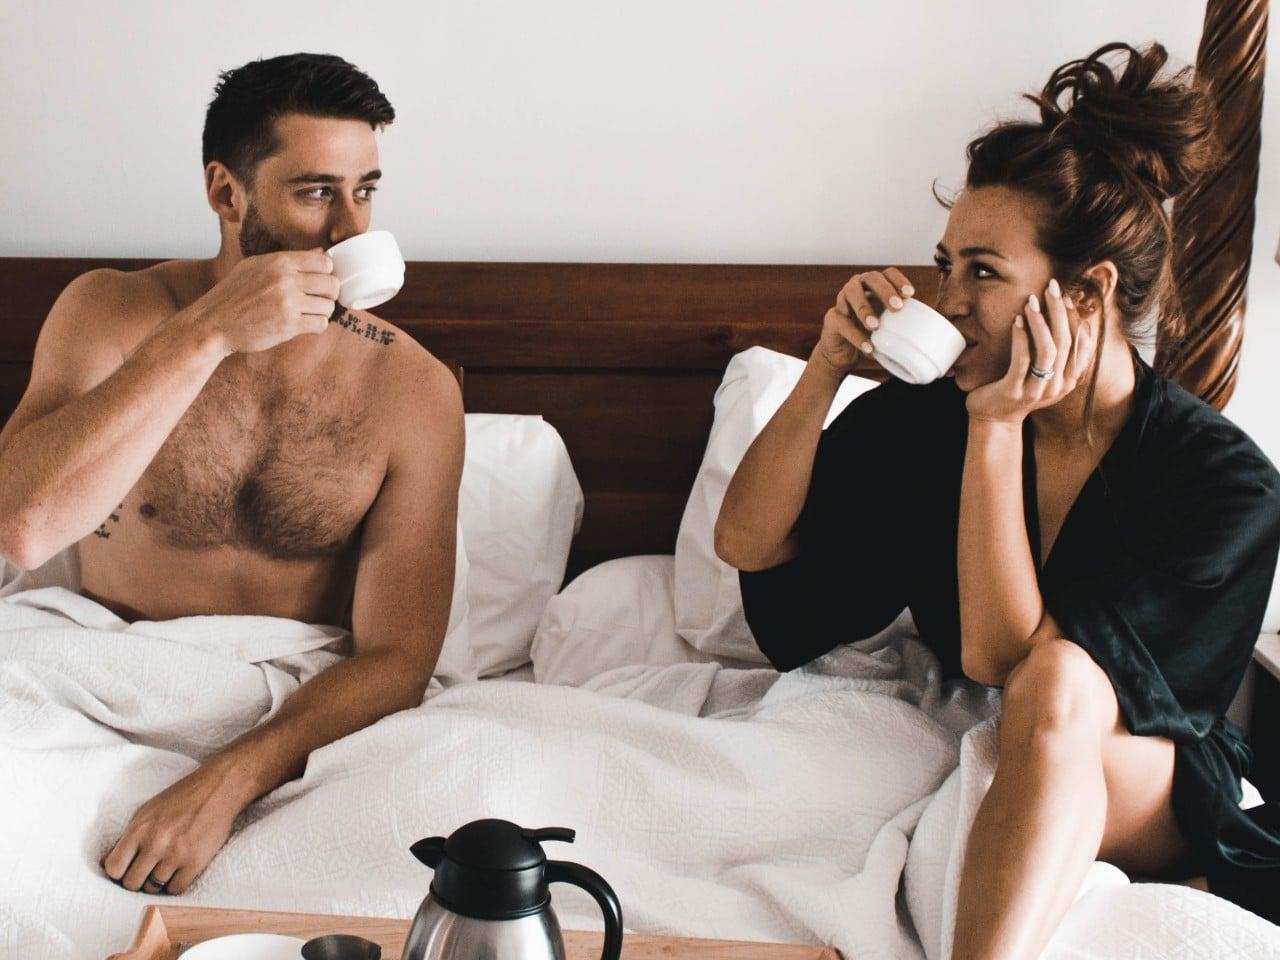 Sexo en pareja, cómo mejorarlo